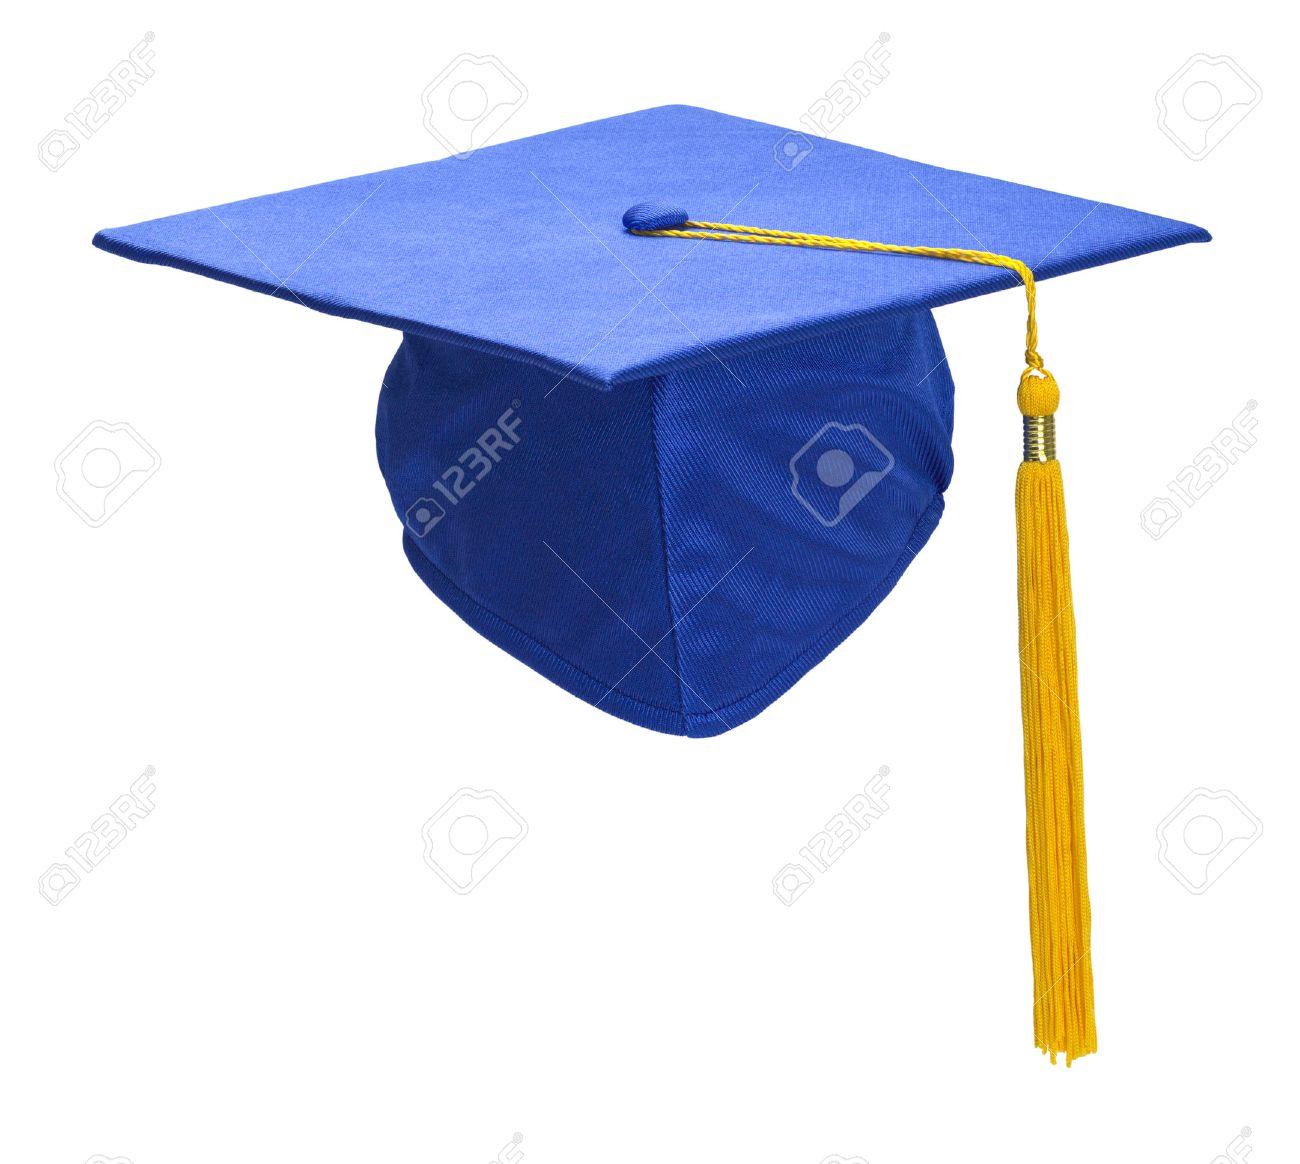 Blaue Abschluss Hut Mit Goldquasten Einzeln Auf Weißem Hintergrund